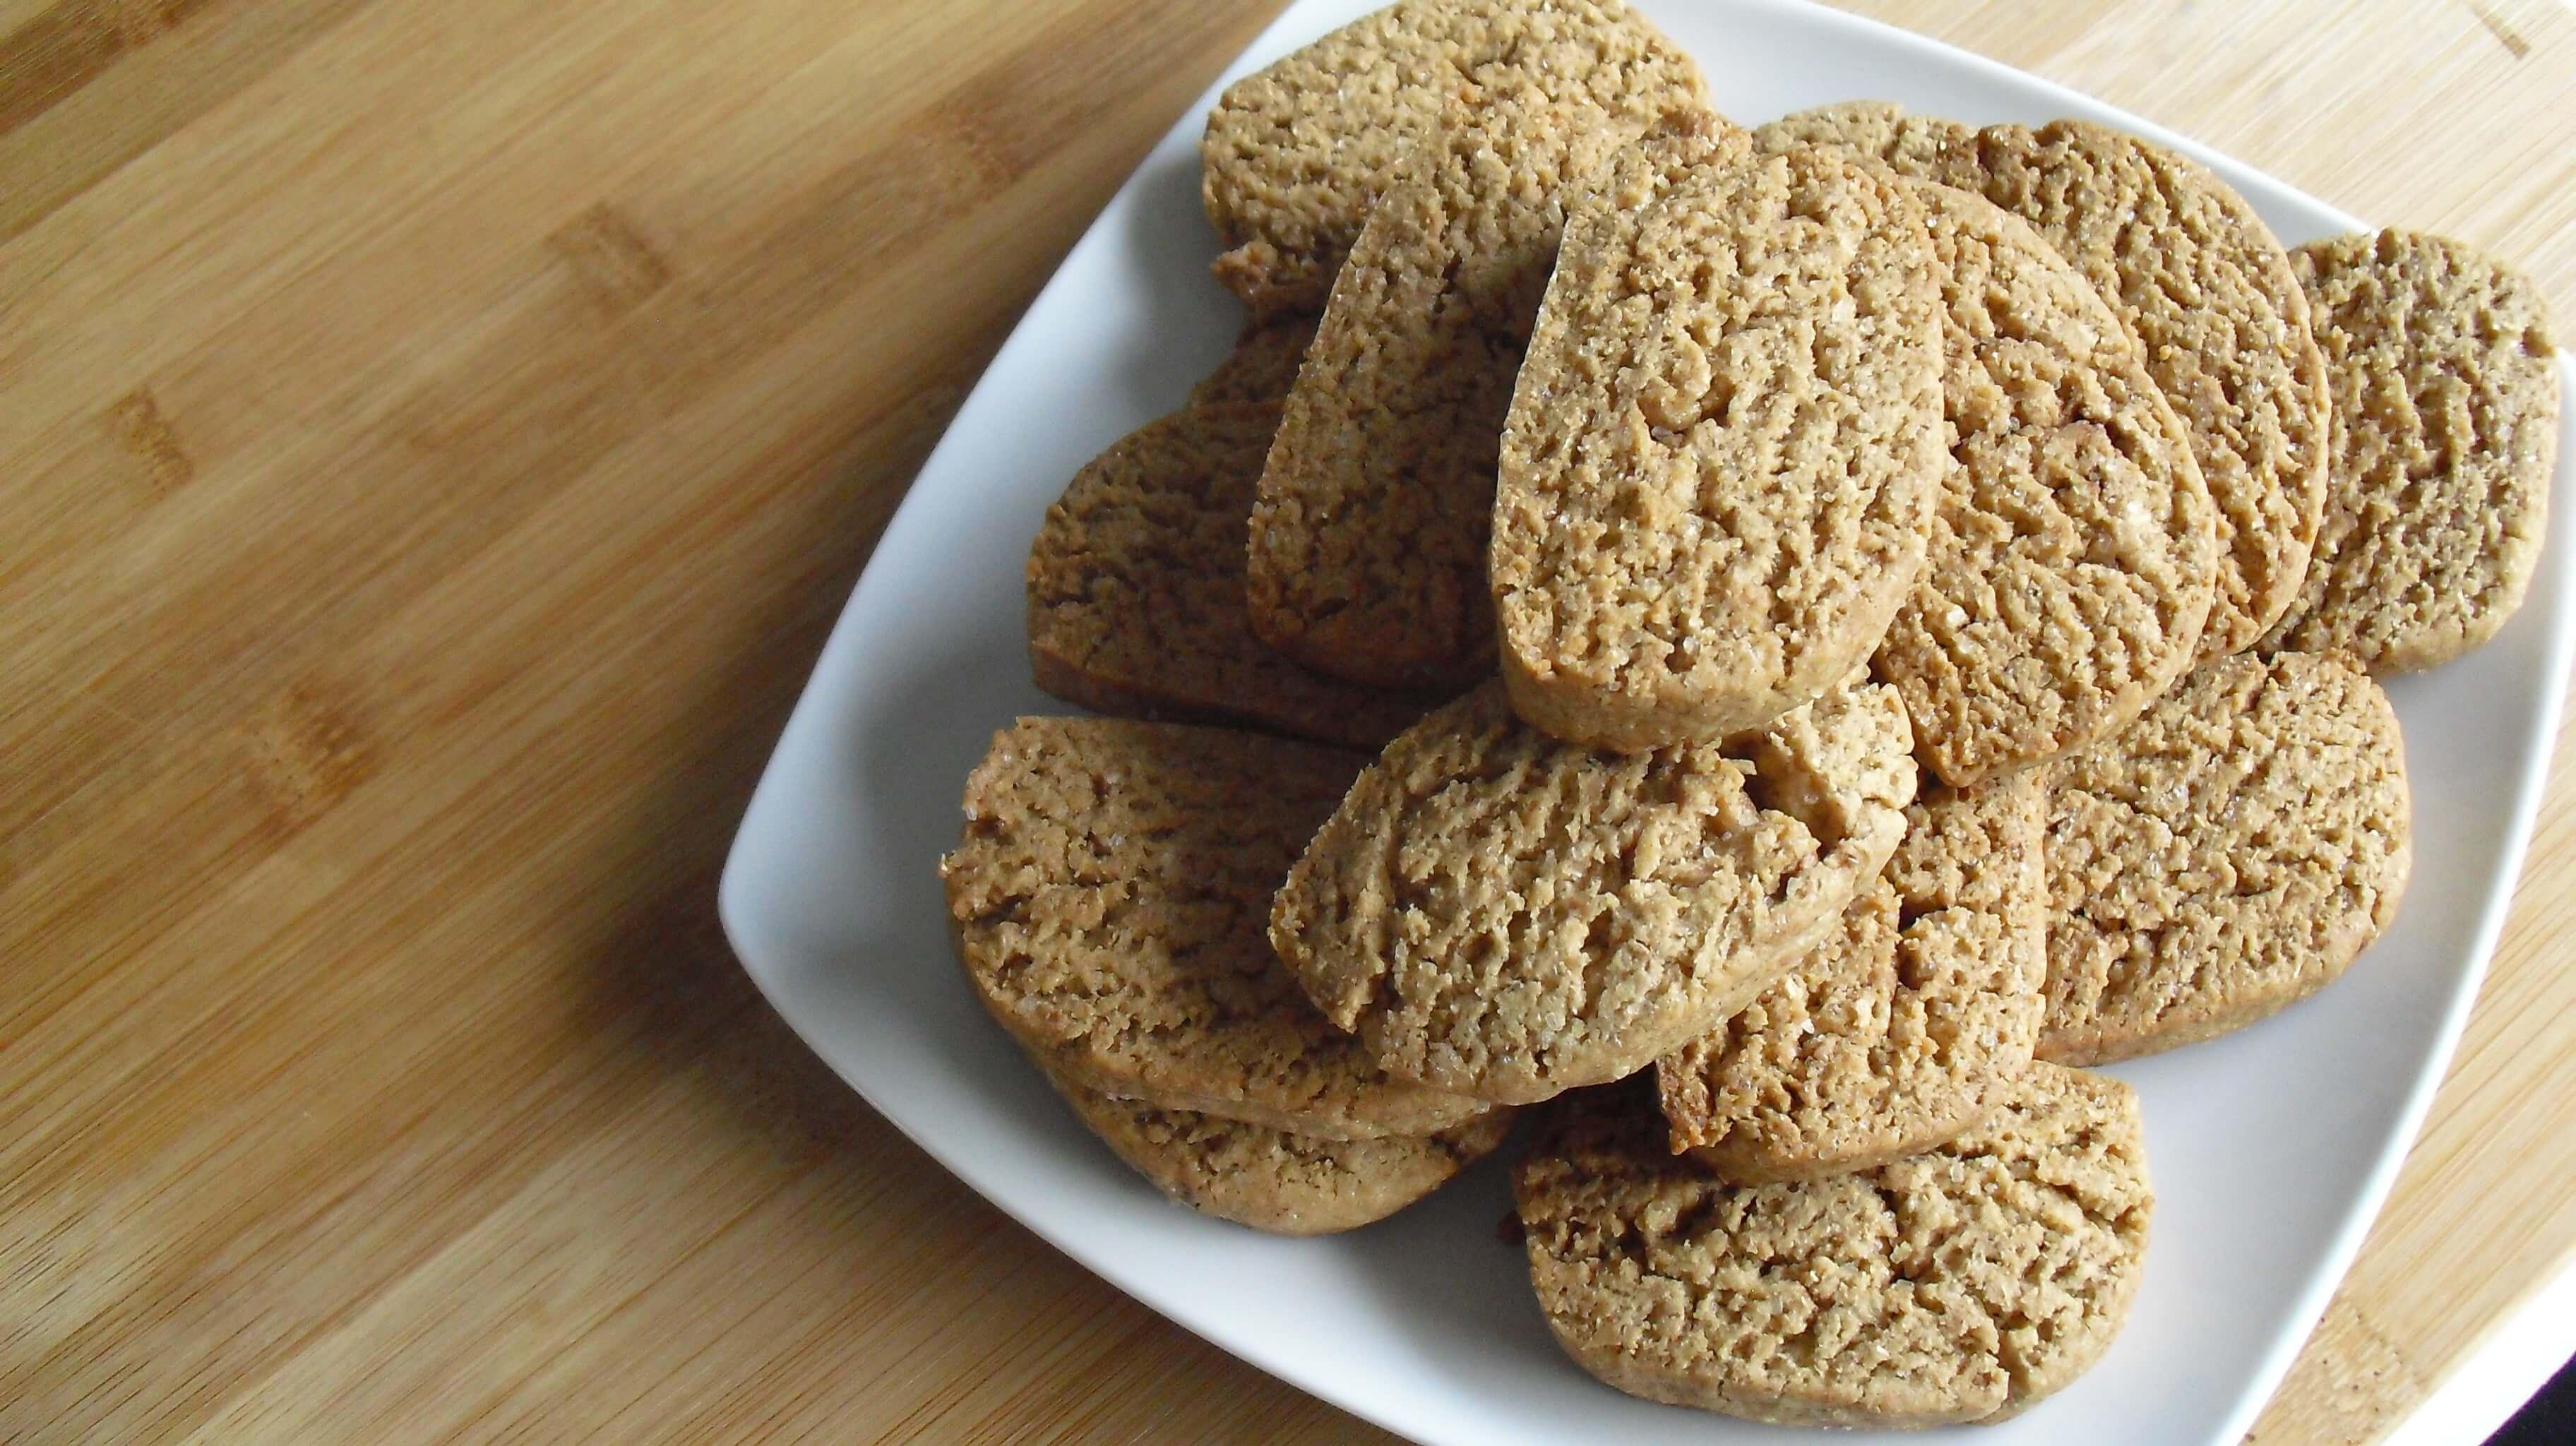 Epifania biscotti fatti in casa per la befana 6 gennaio - Faretti in casa ...